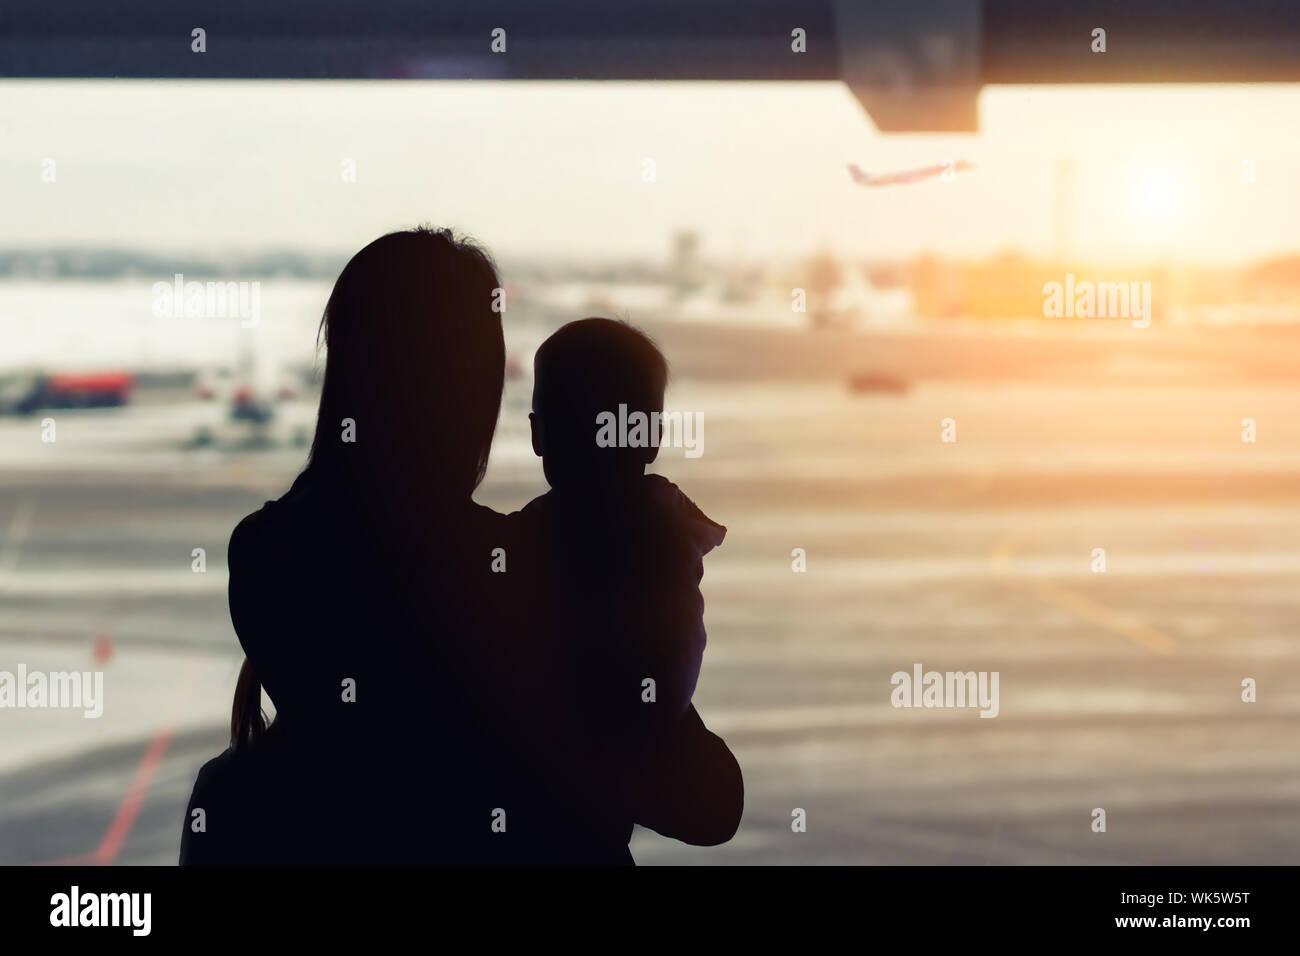 Silueta de madre sosteniendo en las manos poco niño chico con ventana de aeropuerto en segundo plano. La salida y la llegada. Madre soltera con hijo Foto de stock